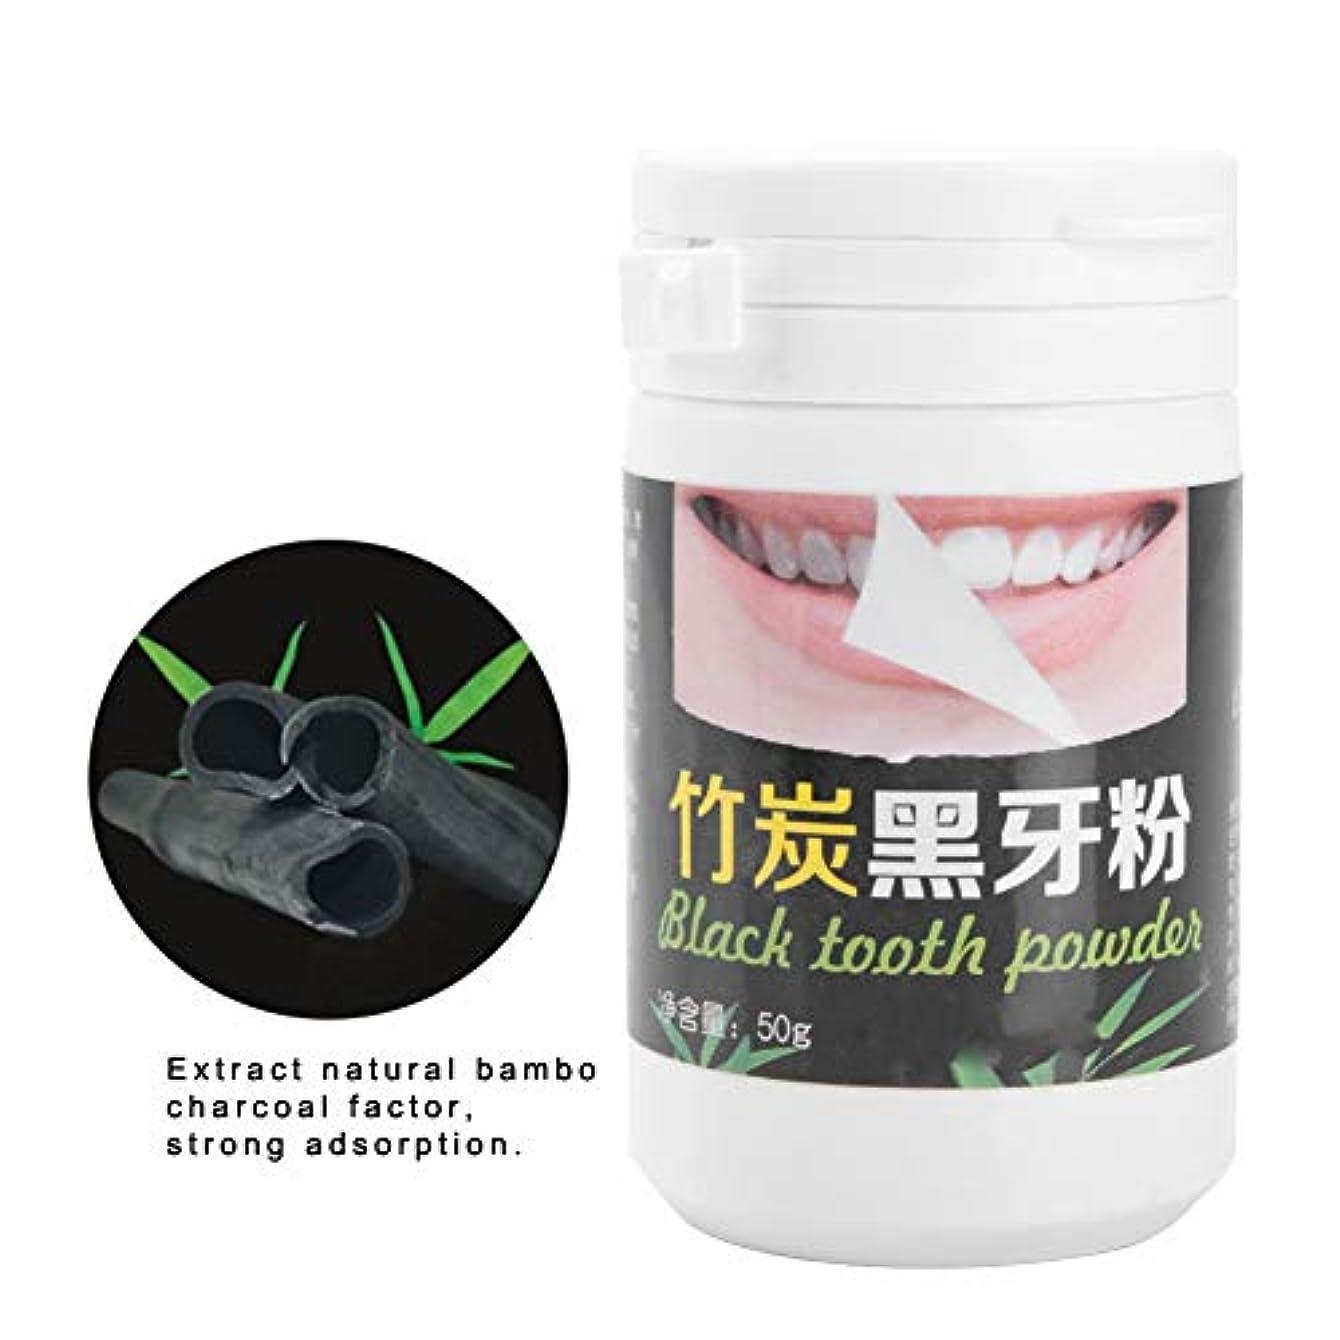 学習者便益冷酷な歯の手入れをする有効な汚れの除去剤 - 汚れの除去剤の粉を白くする口腔歯の心配の自然な活動化させた木炭粉